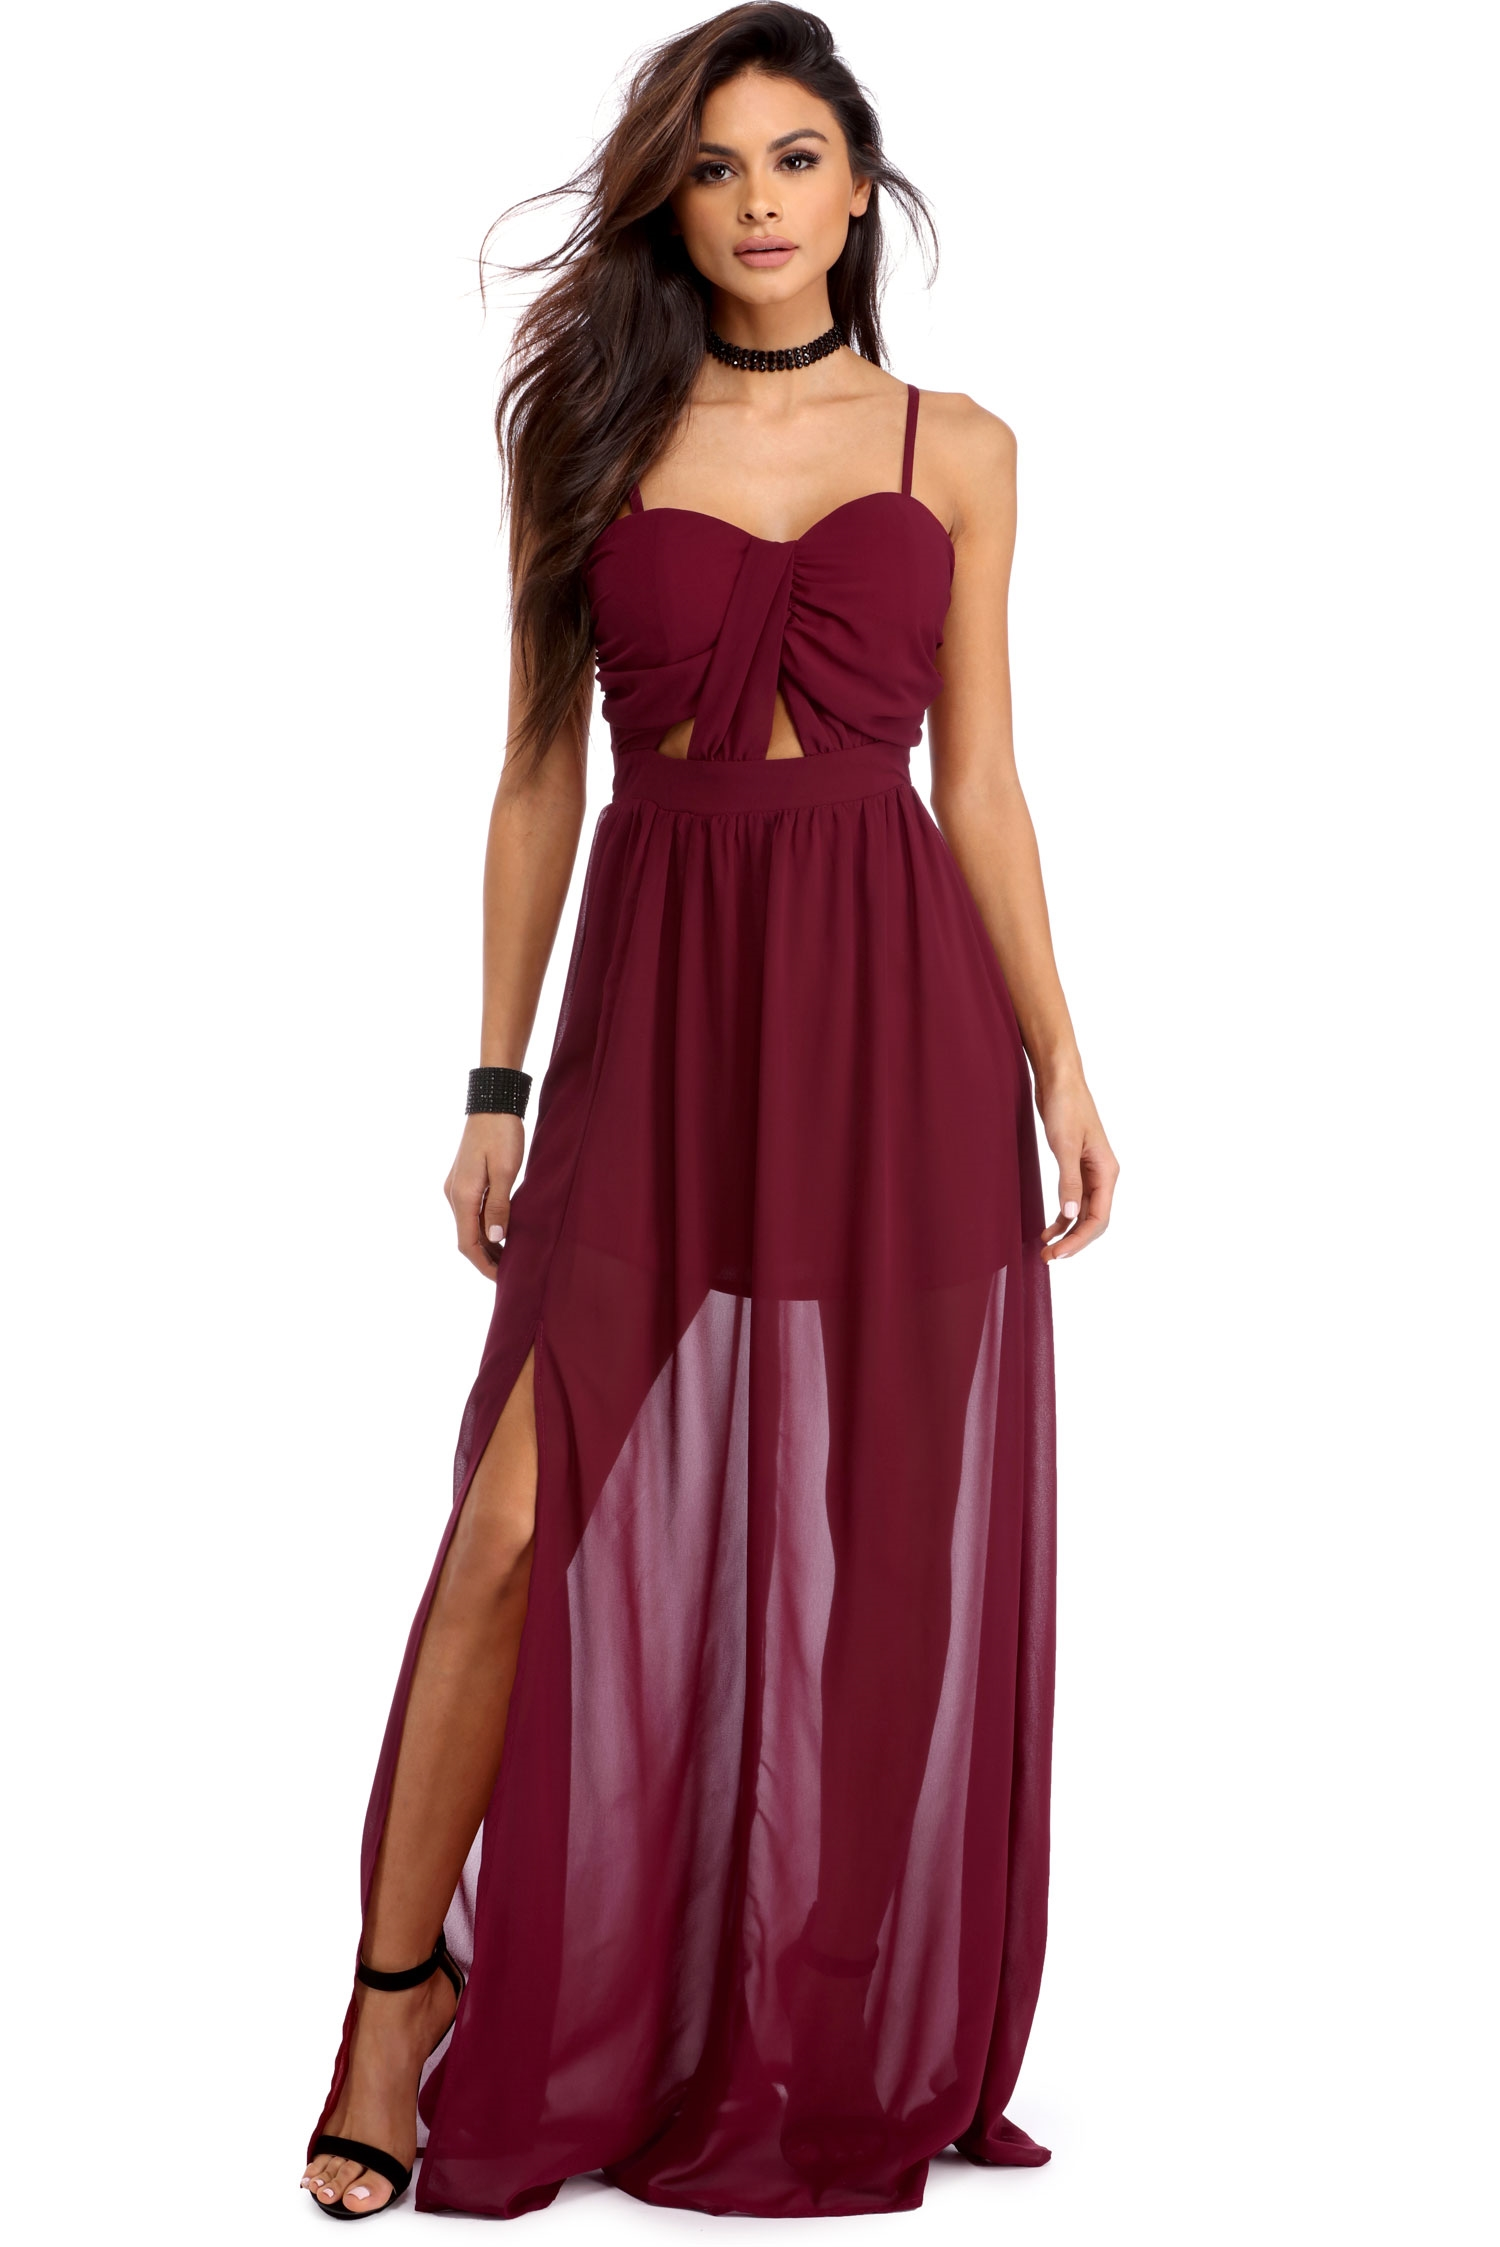 candace burgundy chiffon dress CHVZFTC